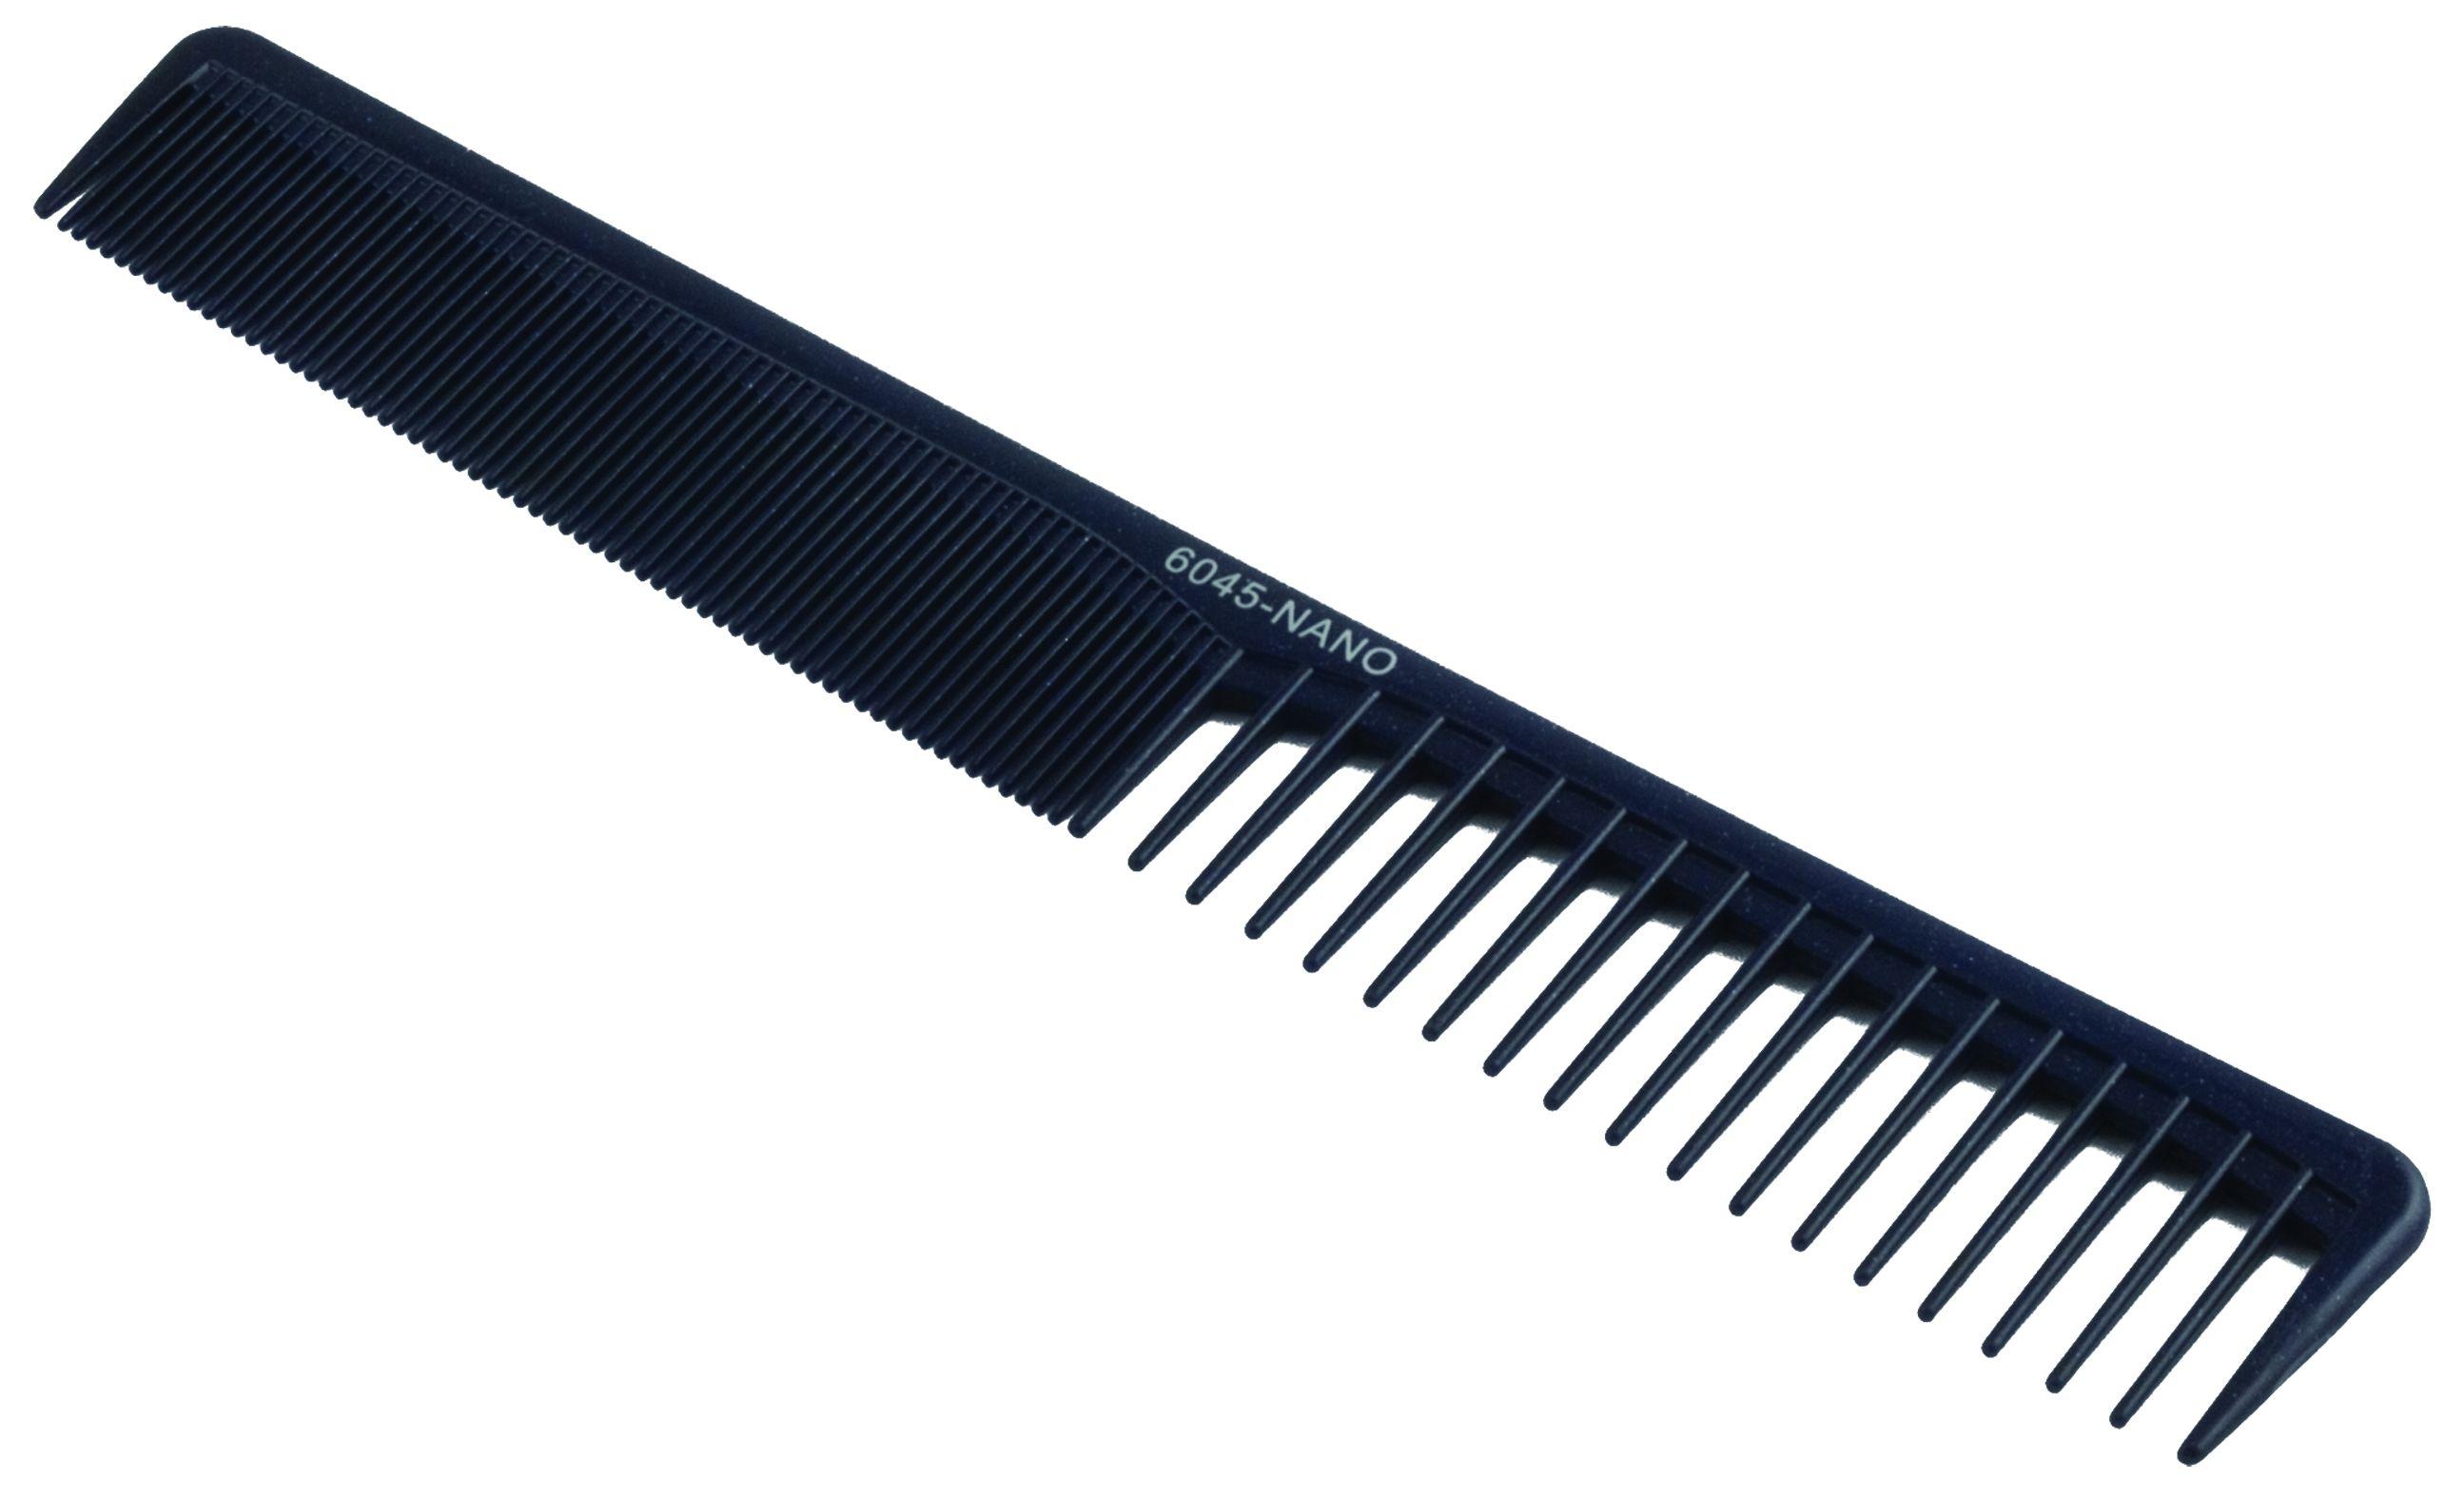 KANSAI Nano Haarschneidekamm schräg weit gezahnt 7,5''